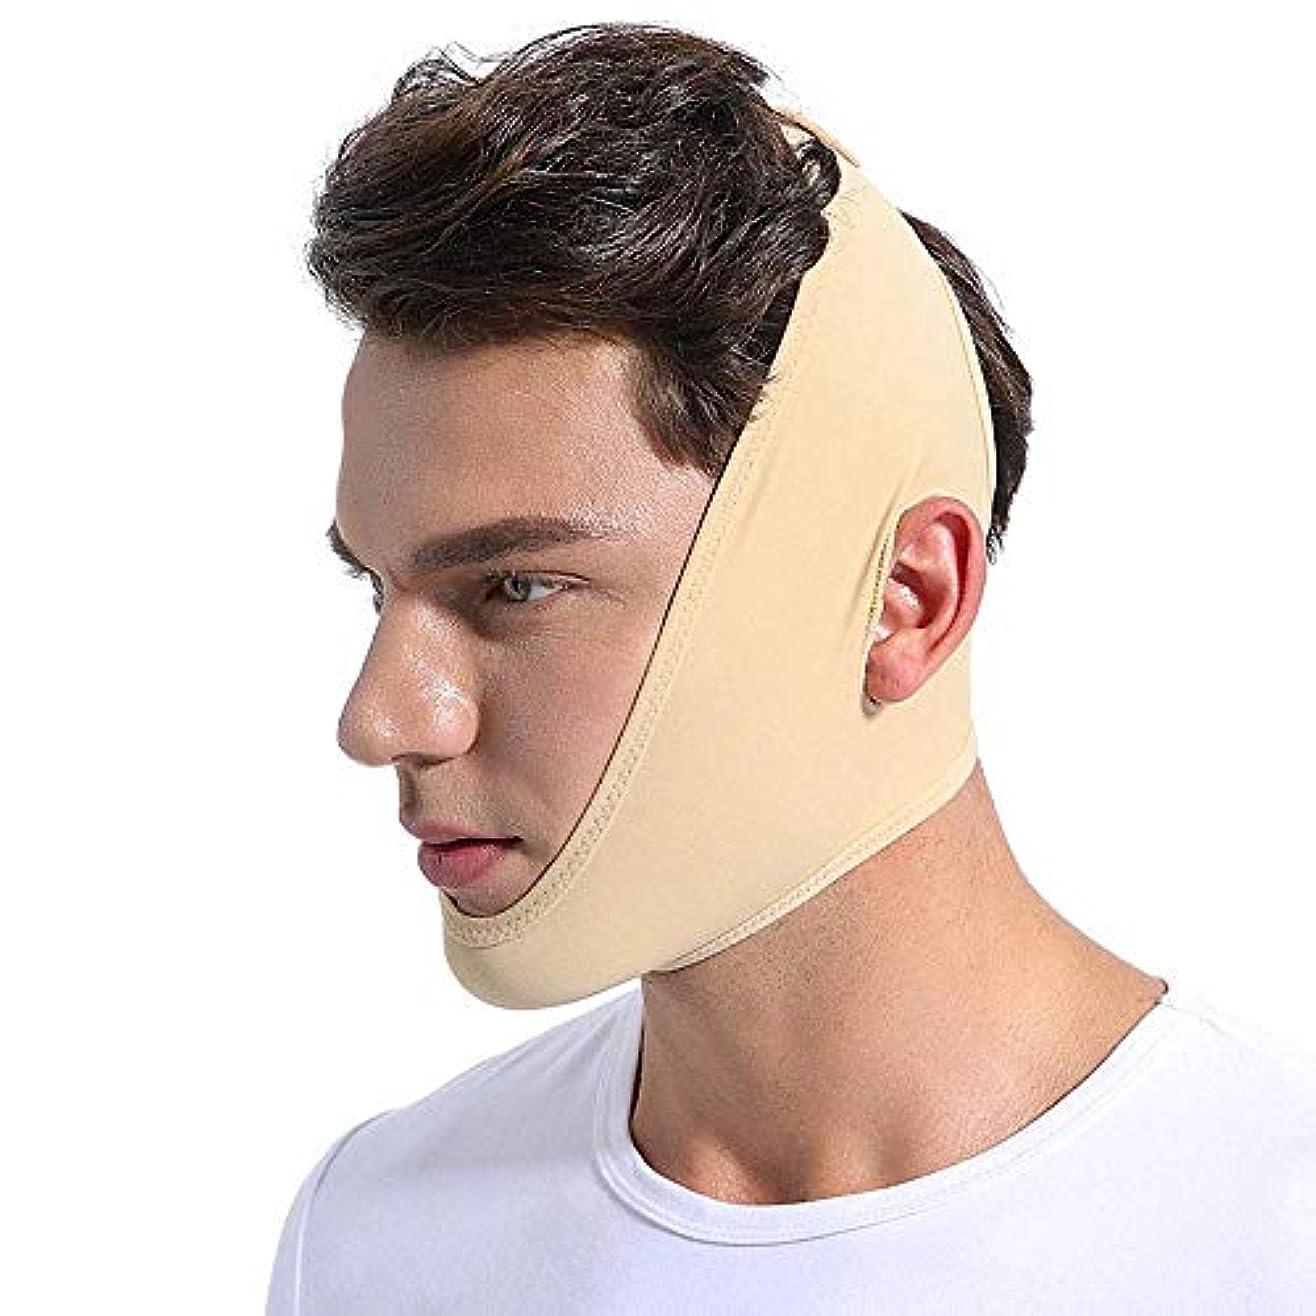 世界粘液時系列フェイシャルシン フェイスマスク Slim身包帯 スキンケアベルト 形の上昇は二重顎のフェイスマスクの表面の薄くなるより男女兼用を減らします